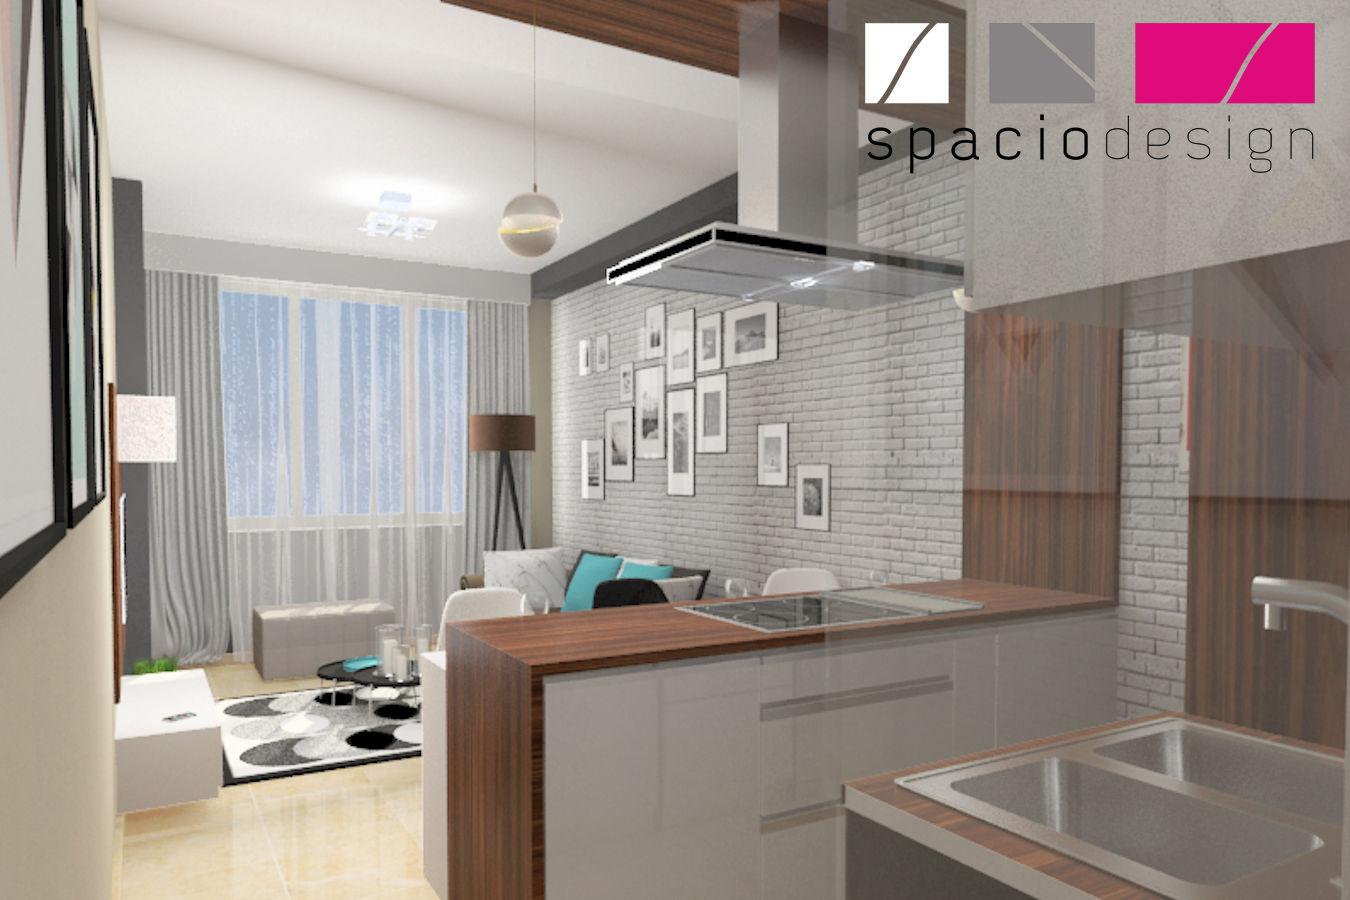 decorador-de-interiores-viviendas-las-palmas-04